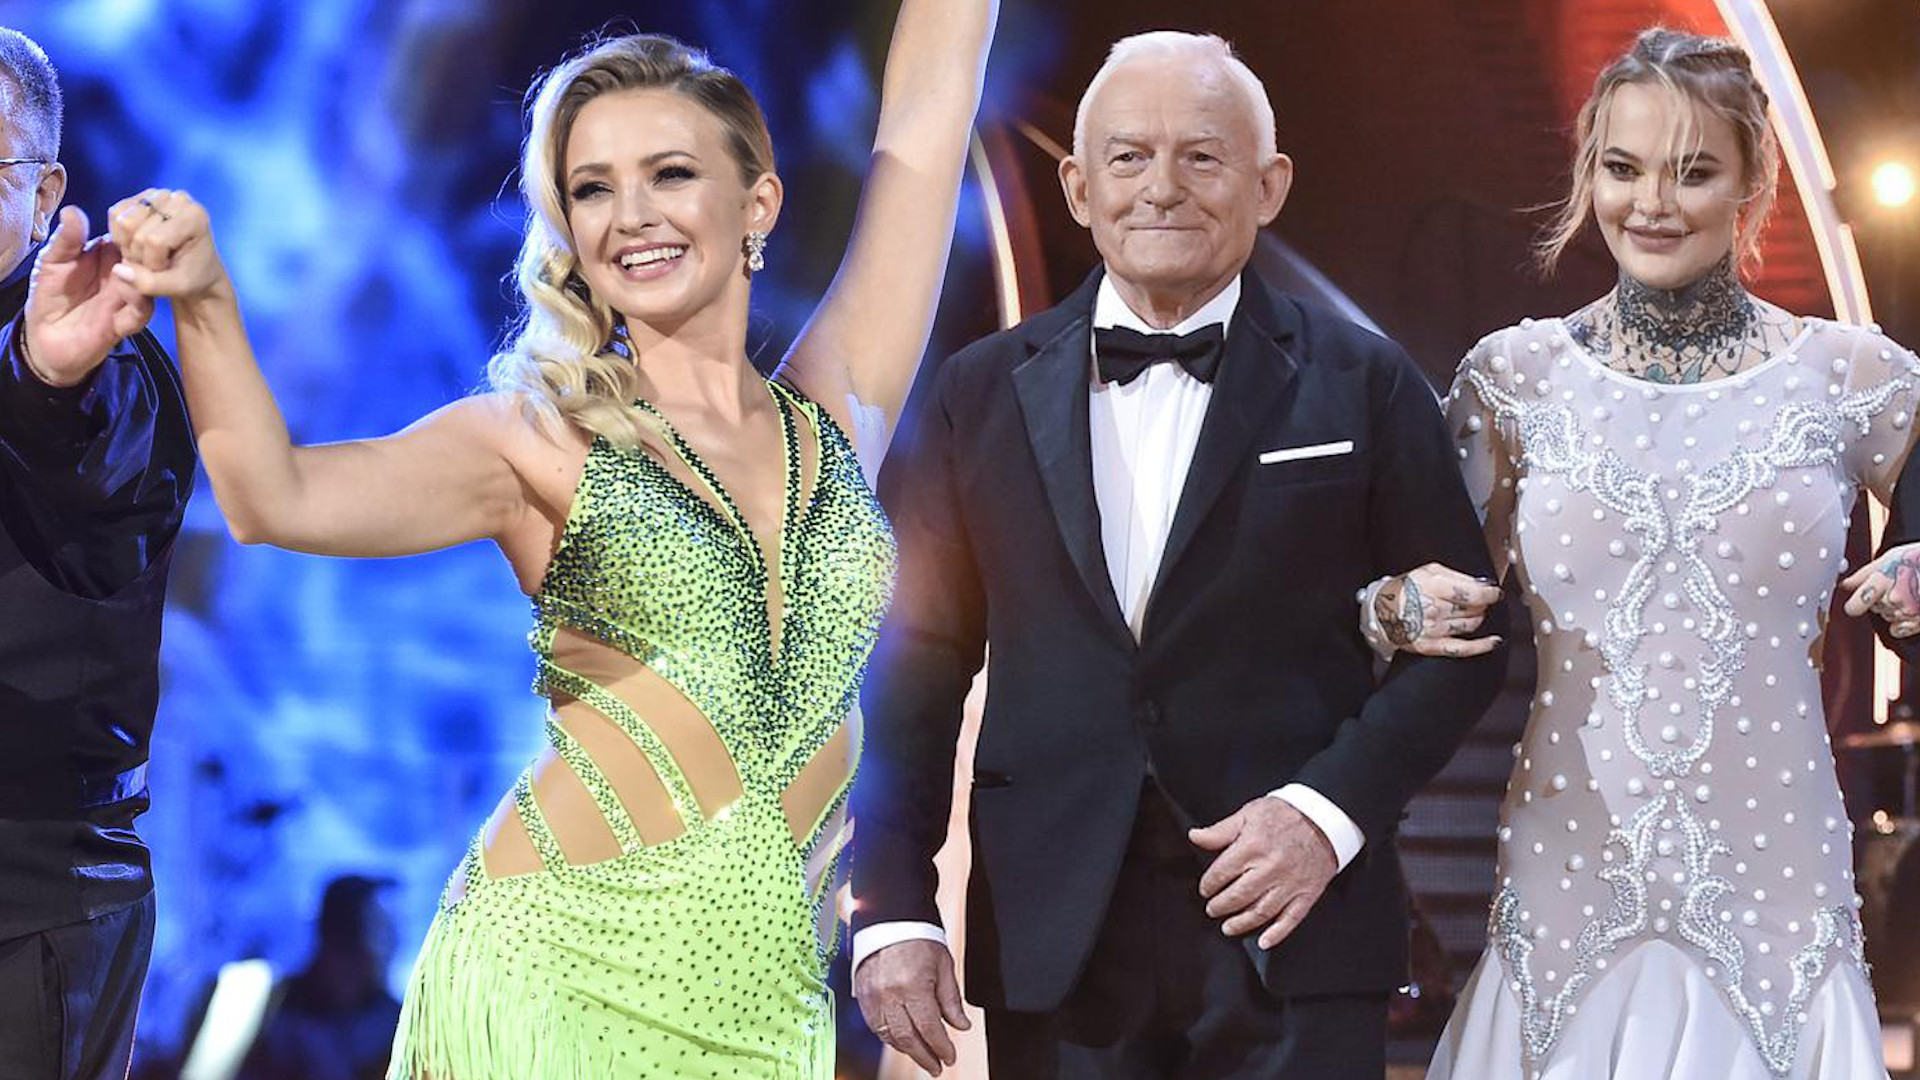 Uczestnicy Tańca z Gwiazdami zatańczyli z rodziną! Monika Miller z dziadkiem, Kurdej-Szatan z tatą (WIDEO)